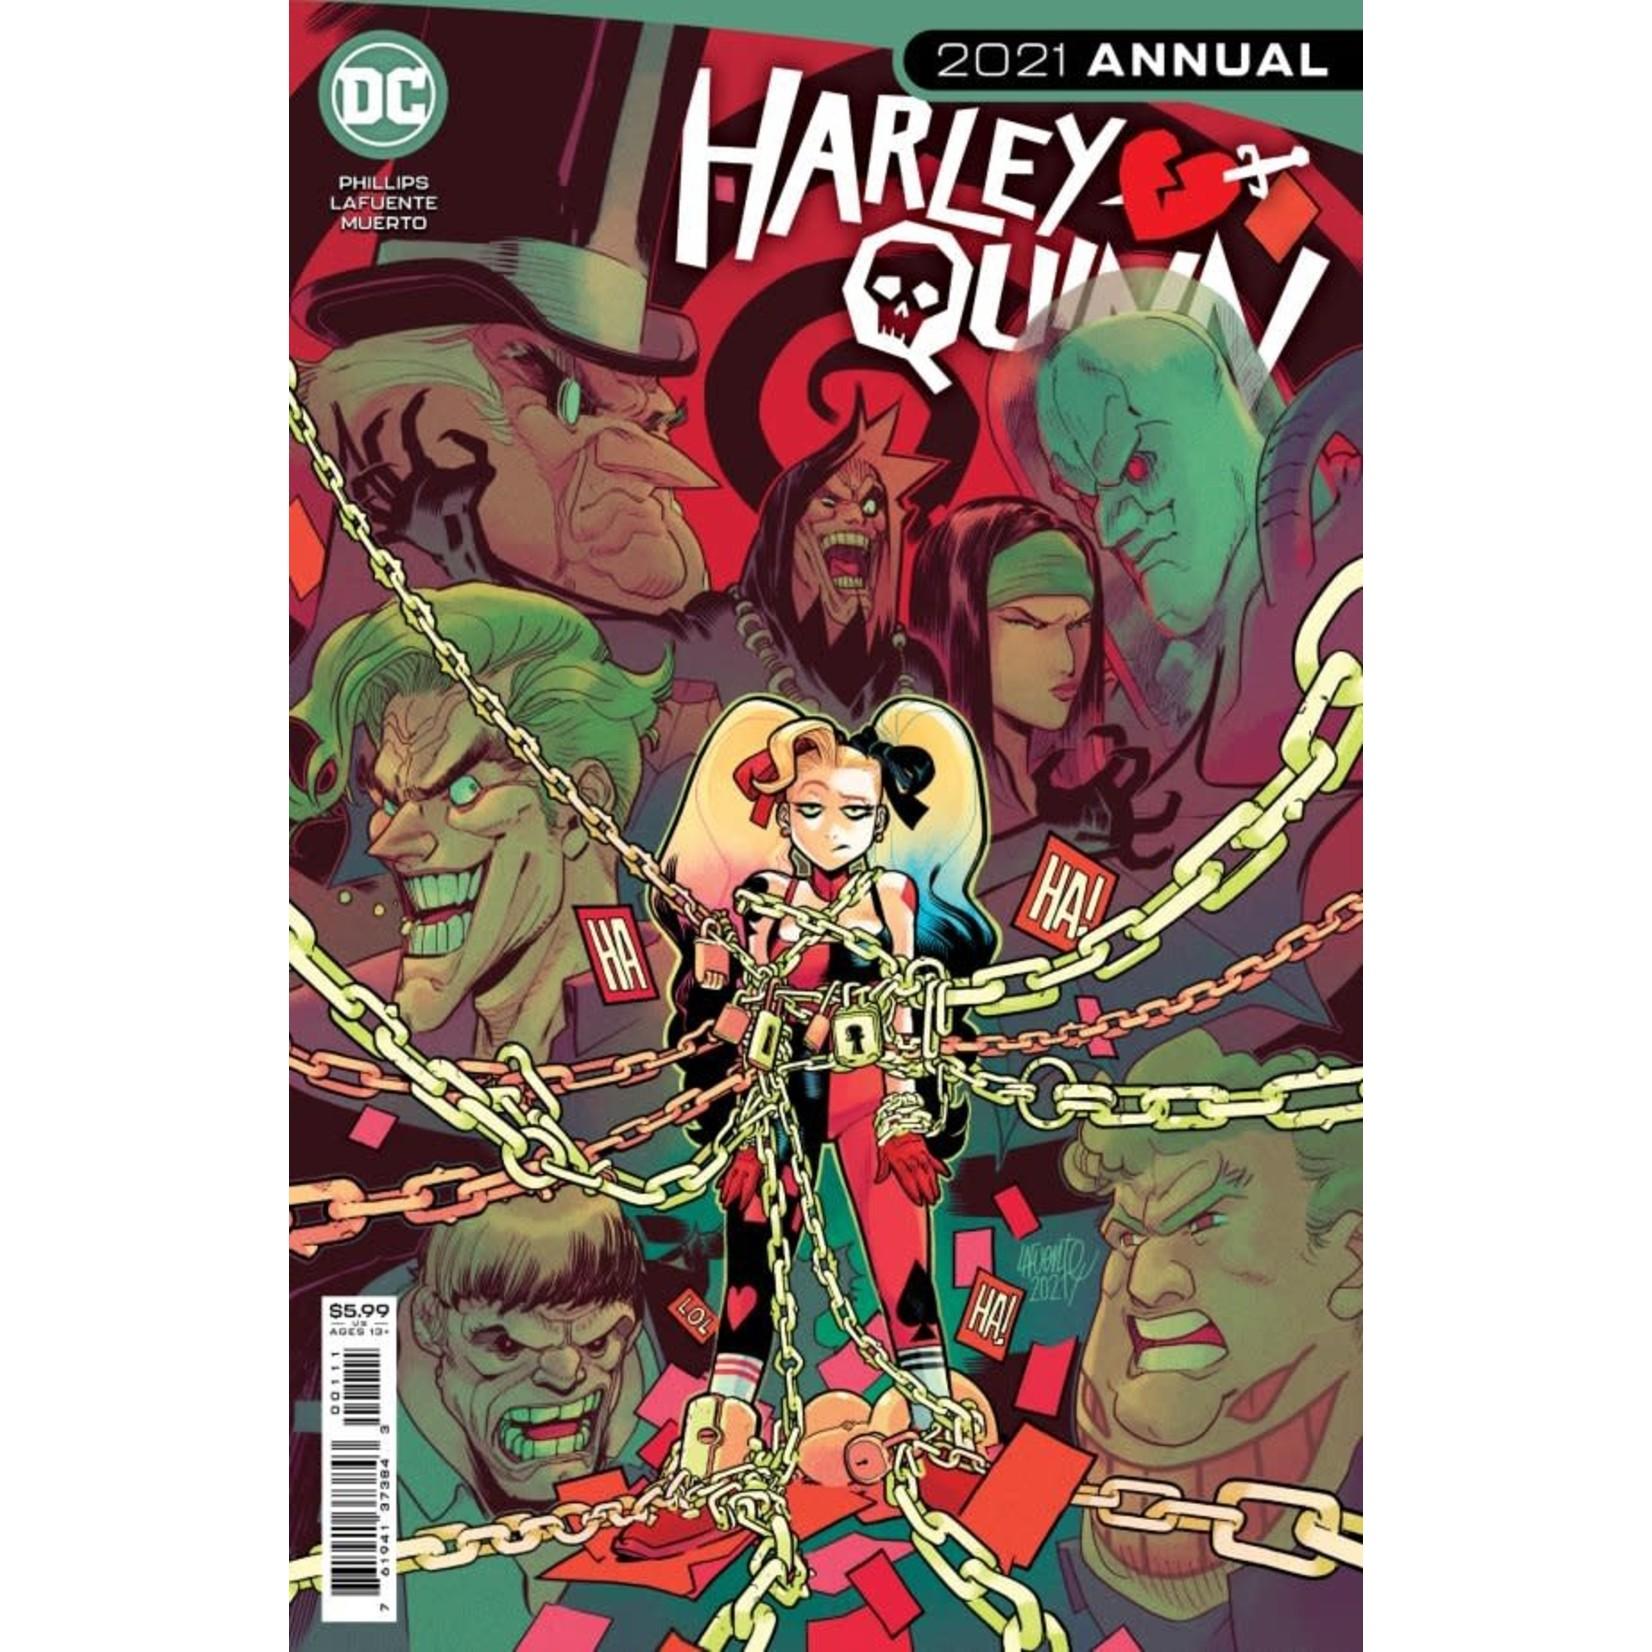 DC Comics Harley Quinn 2021 Annual